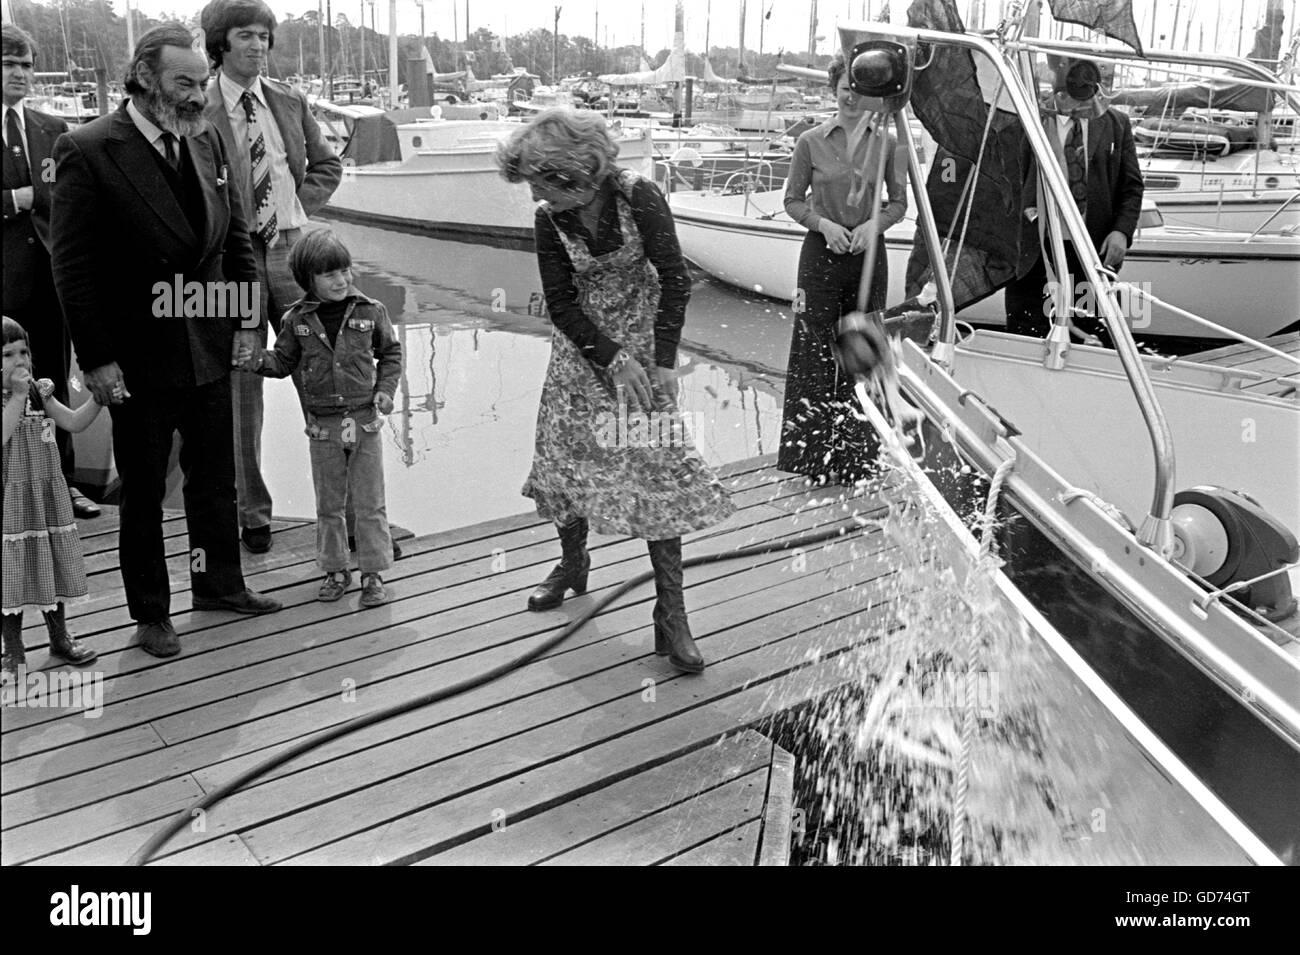 AJAXNETPHOTO. 1976. SWANICK, Inglaterra. (L-R) ANGUS PRIMROSE (con barba_ LOOKIS mientras su esposa nombres MURLO Imagen De Stock